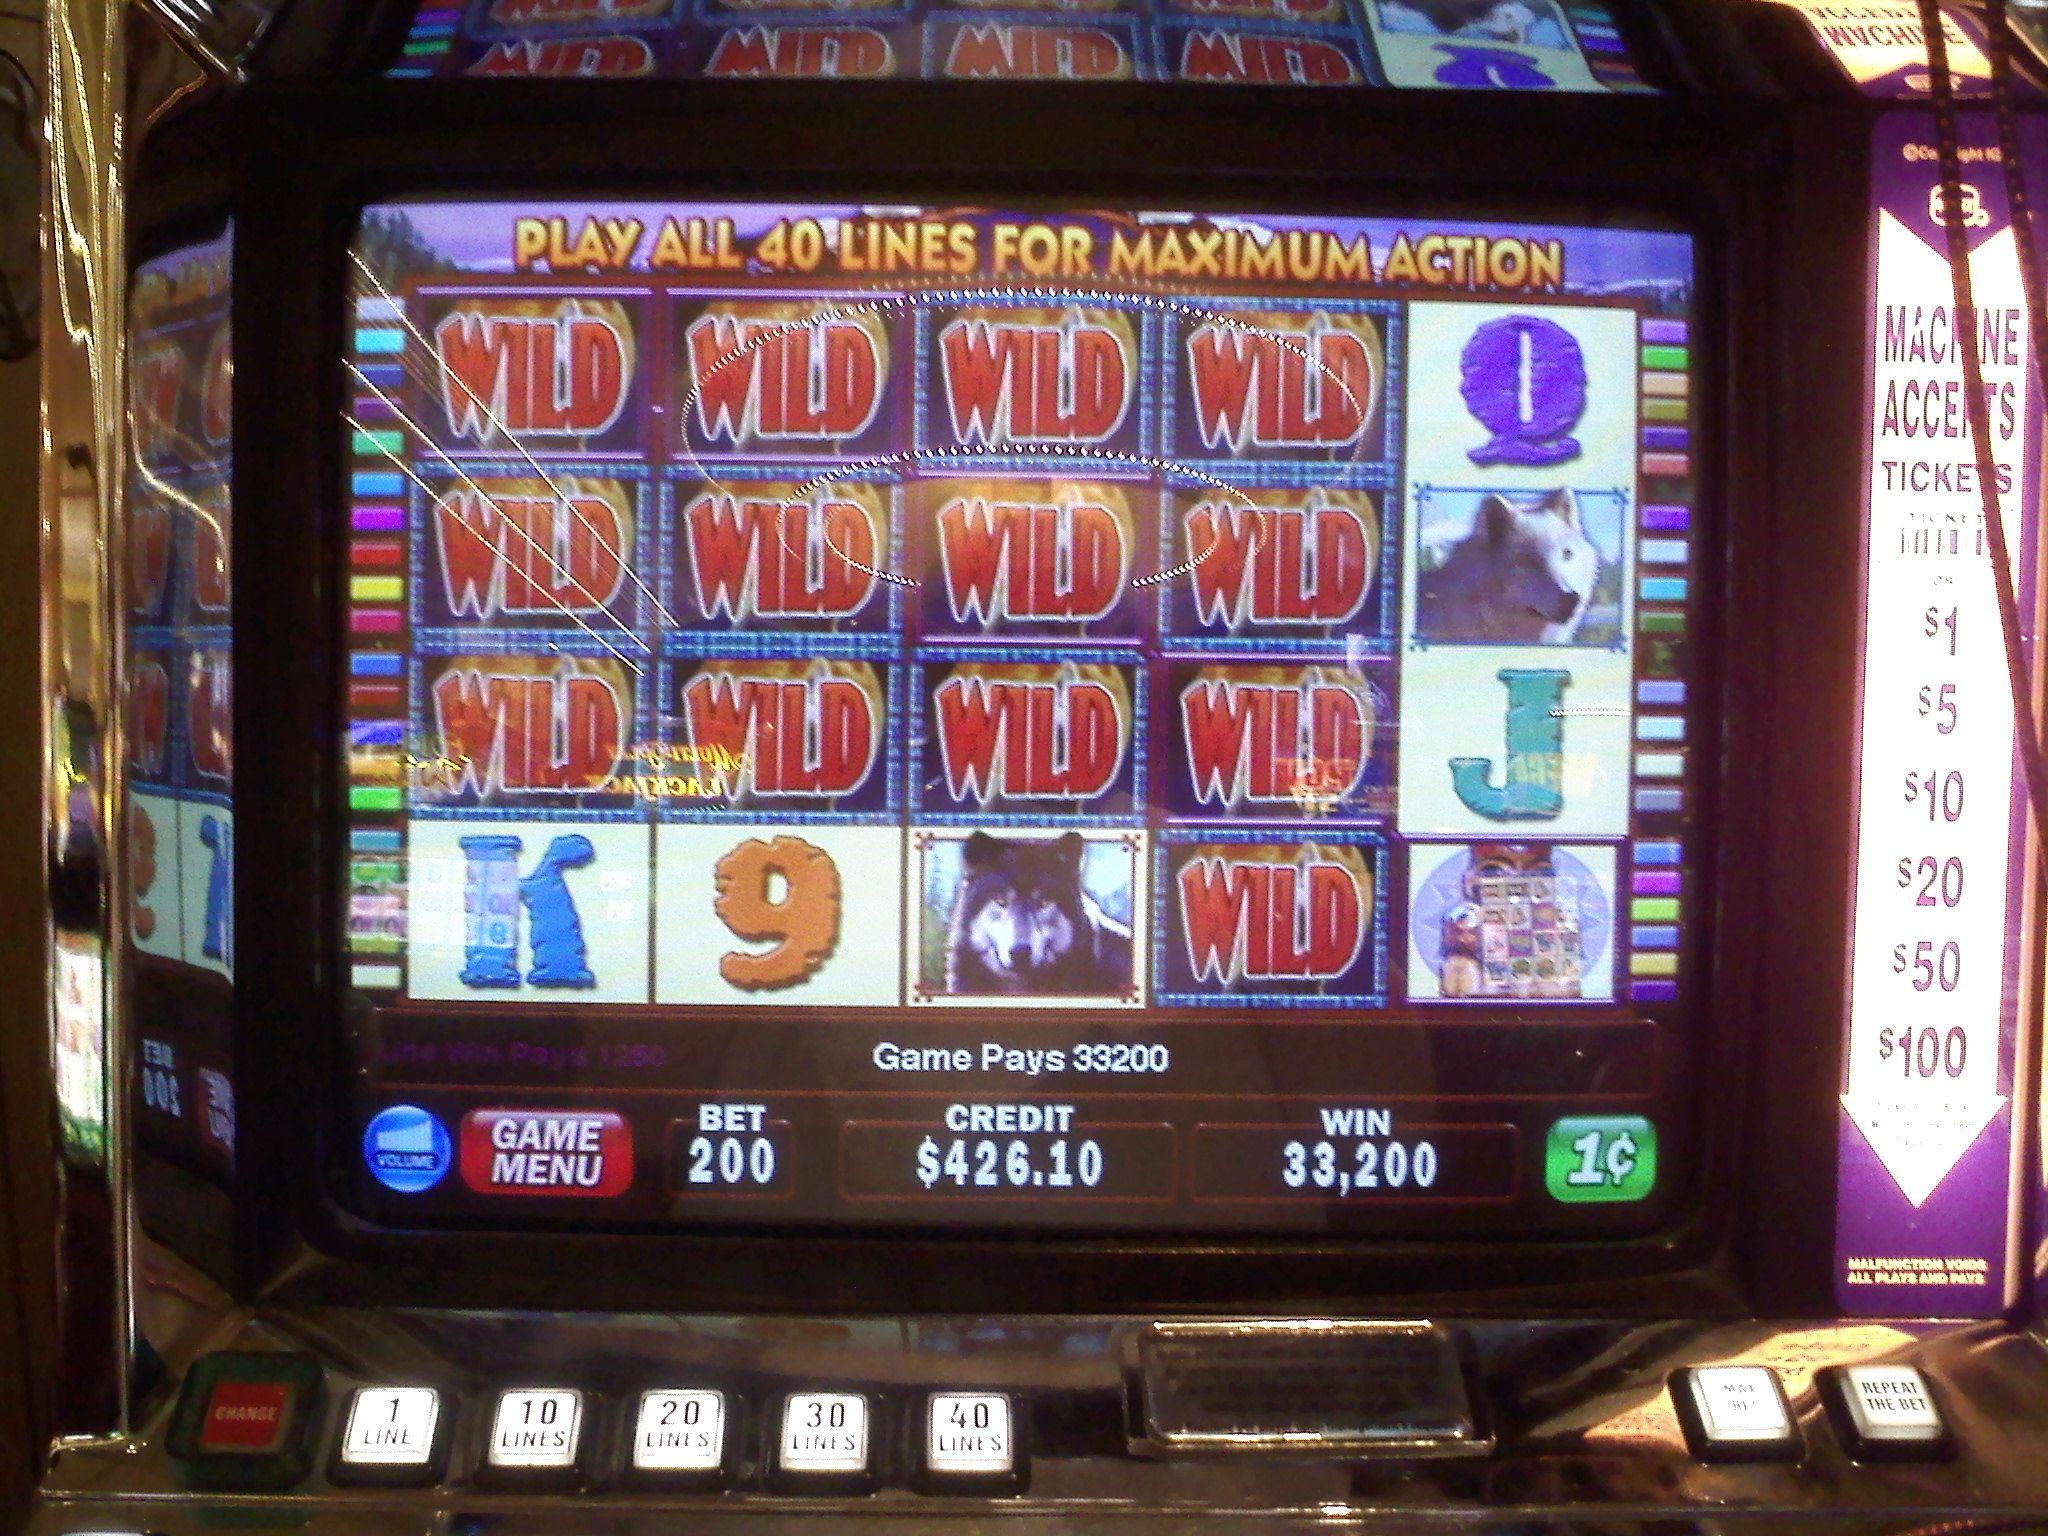 $5 slot machine payouts